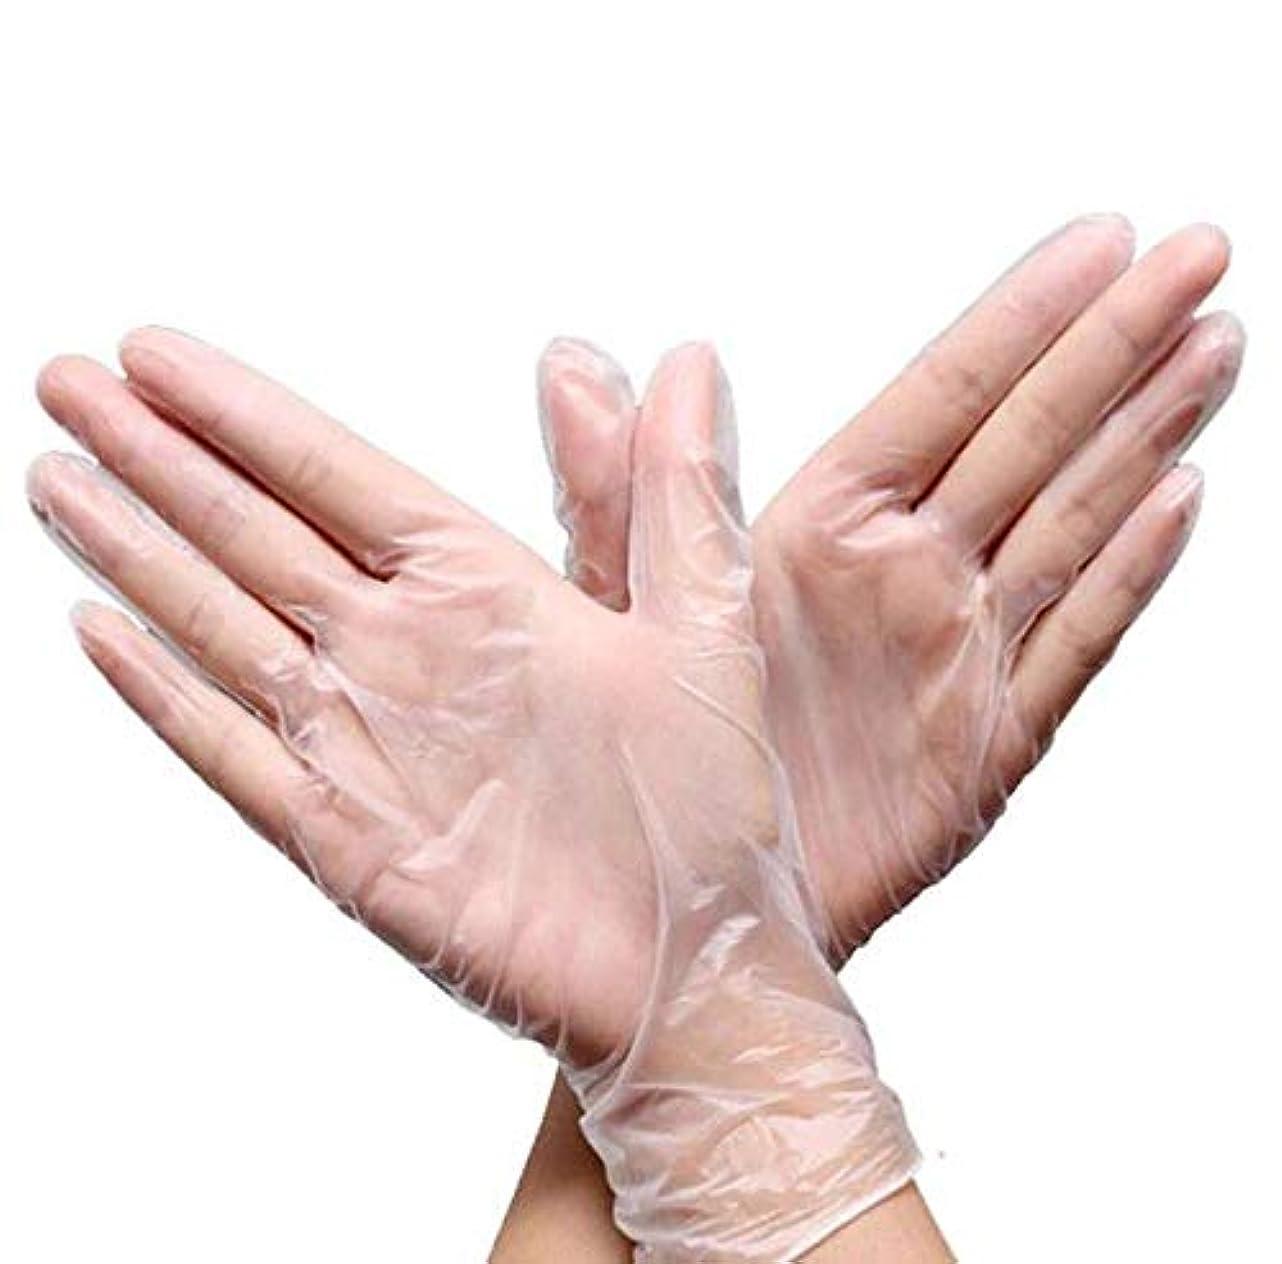 菊散逸りSTK ニトリルゴム手袋 使い捨て手袋 透明 耐油 防水 左右兼用 粉なし 手荒れを防ぎ 素手 薄い 介護 トイレ掃除 園芸 美容 食器洗い (50ペアセット)